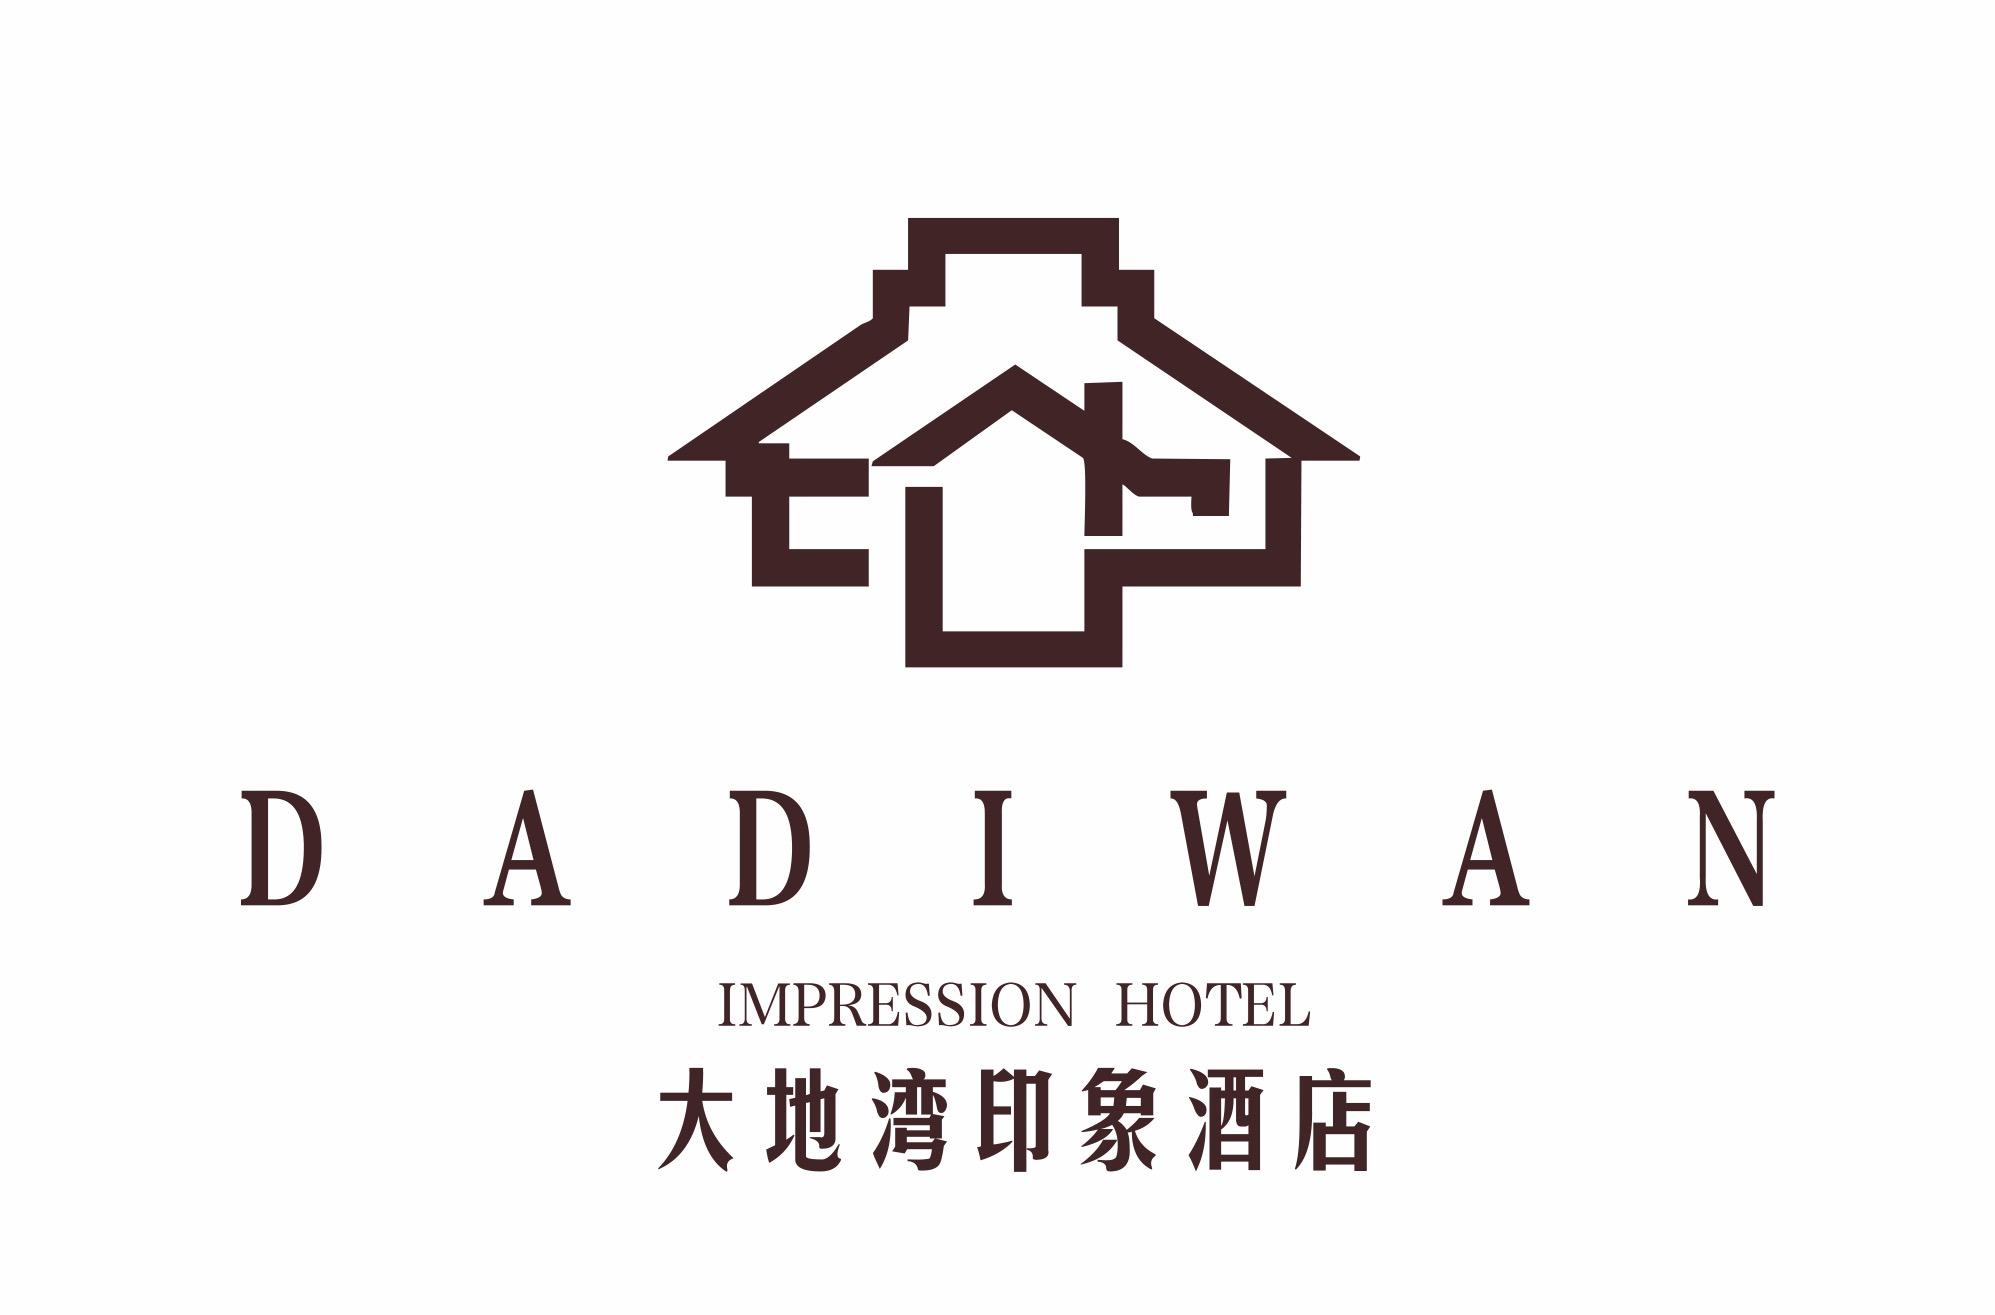 甘肃大地湾印象酒店有限责任公司